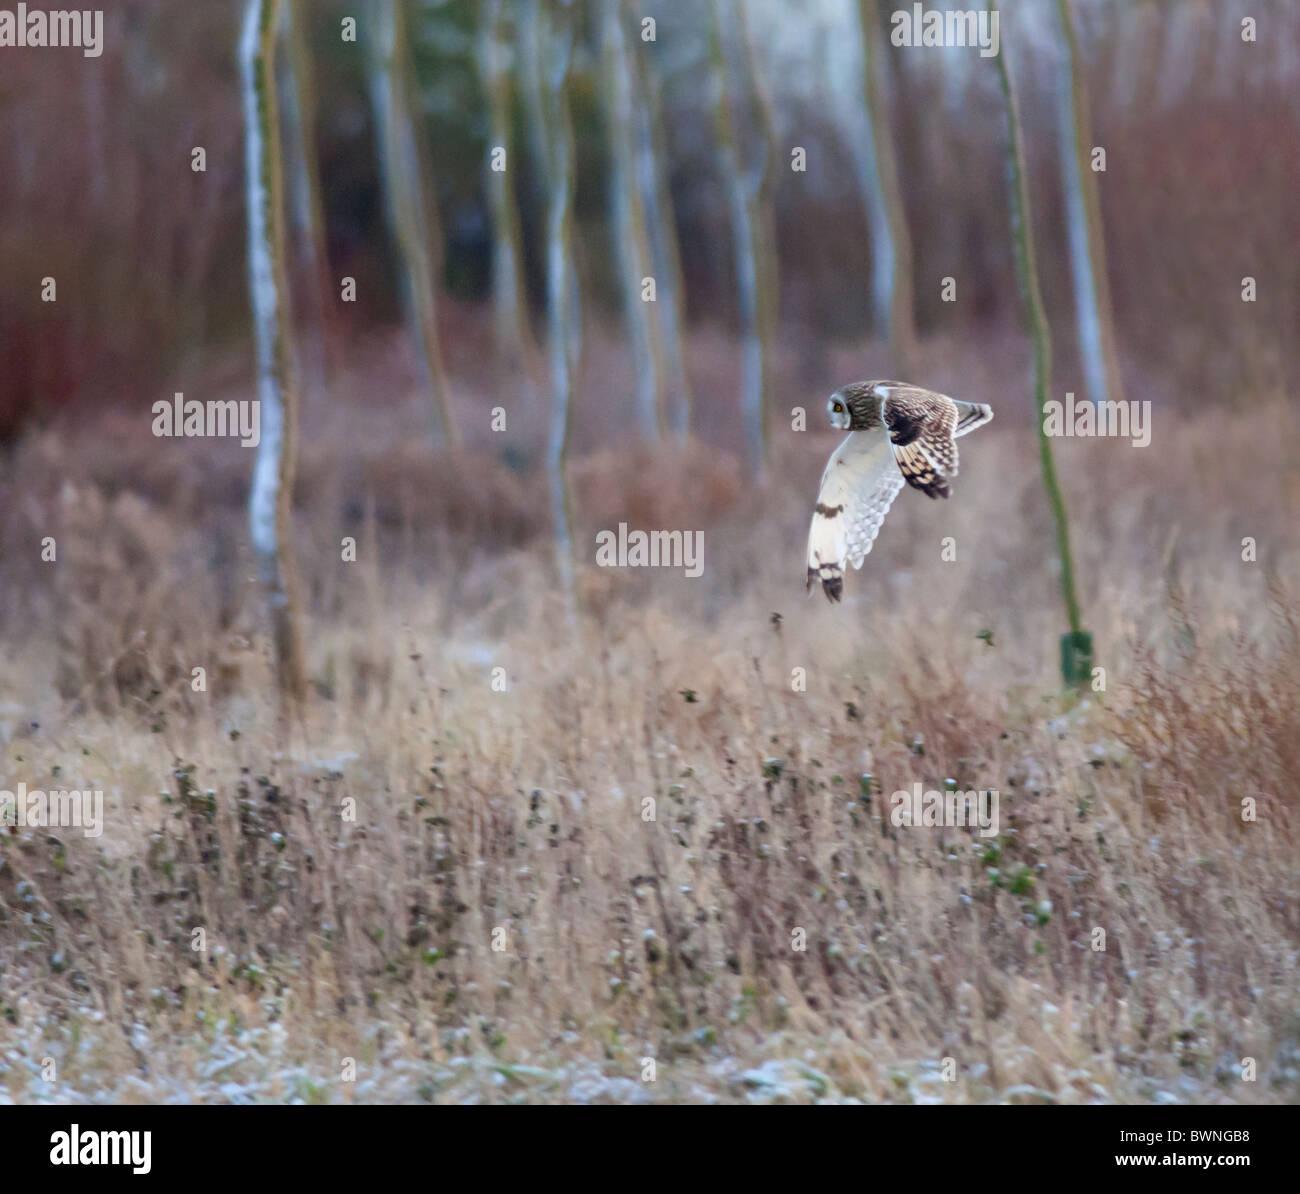 Búho de orejas cortas de caza silvestre sobre agrestes praderas en Leicestershire Imagen De Stock